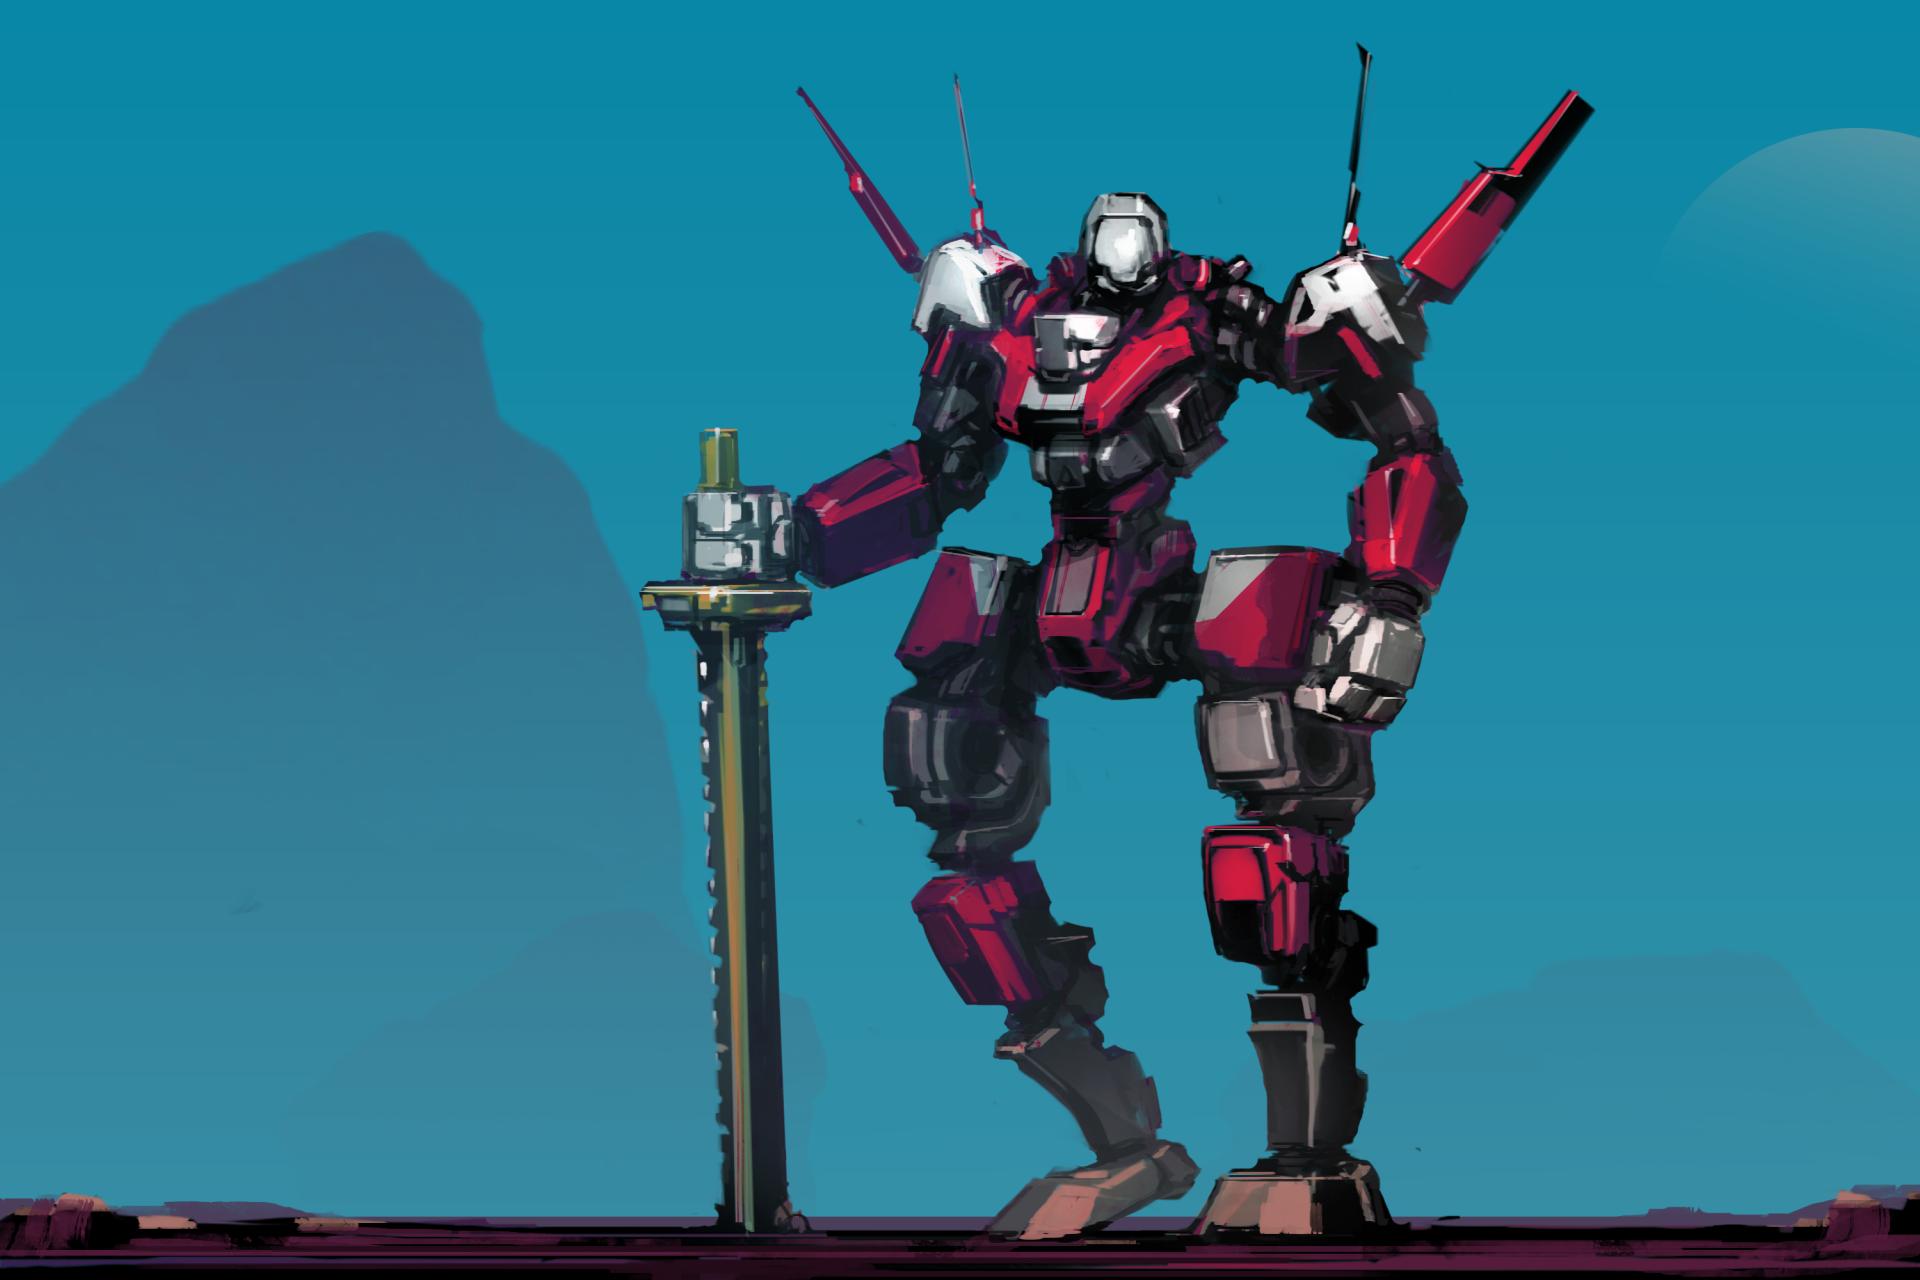 科幻 - 机器人  剑 壁纸